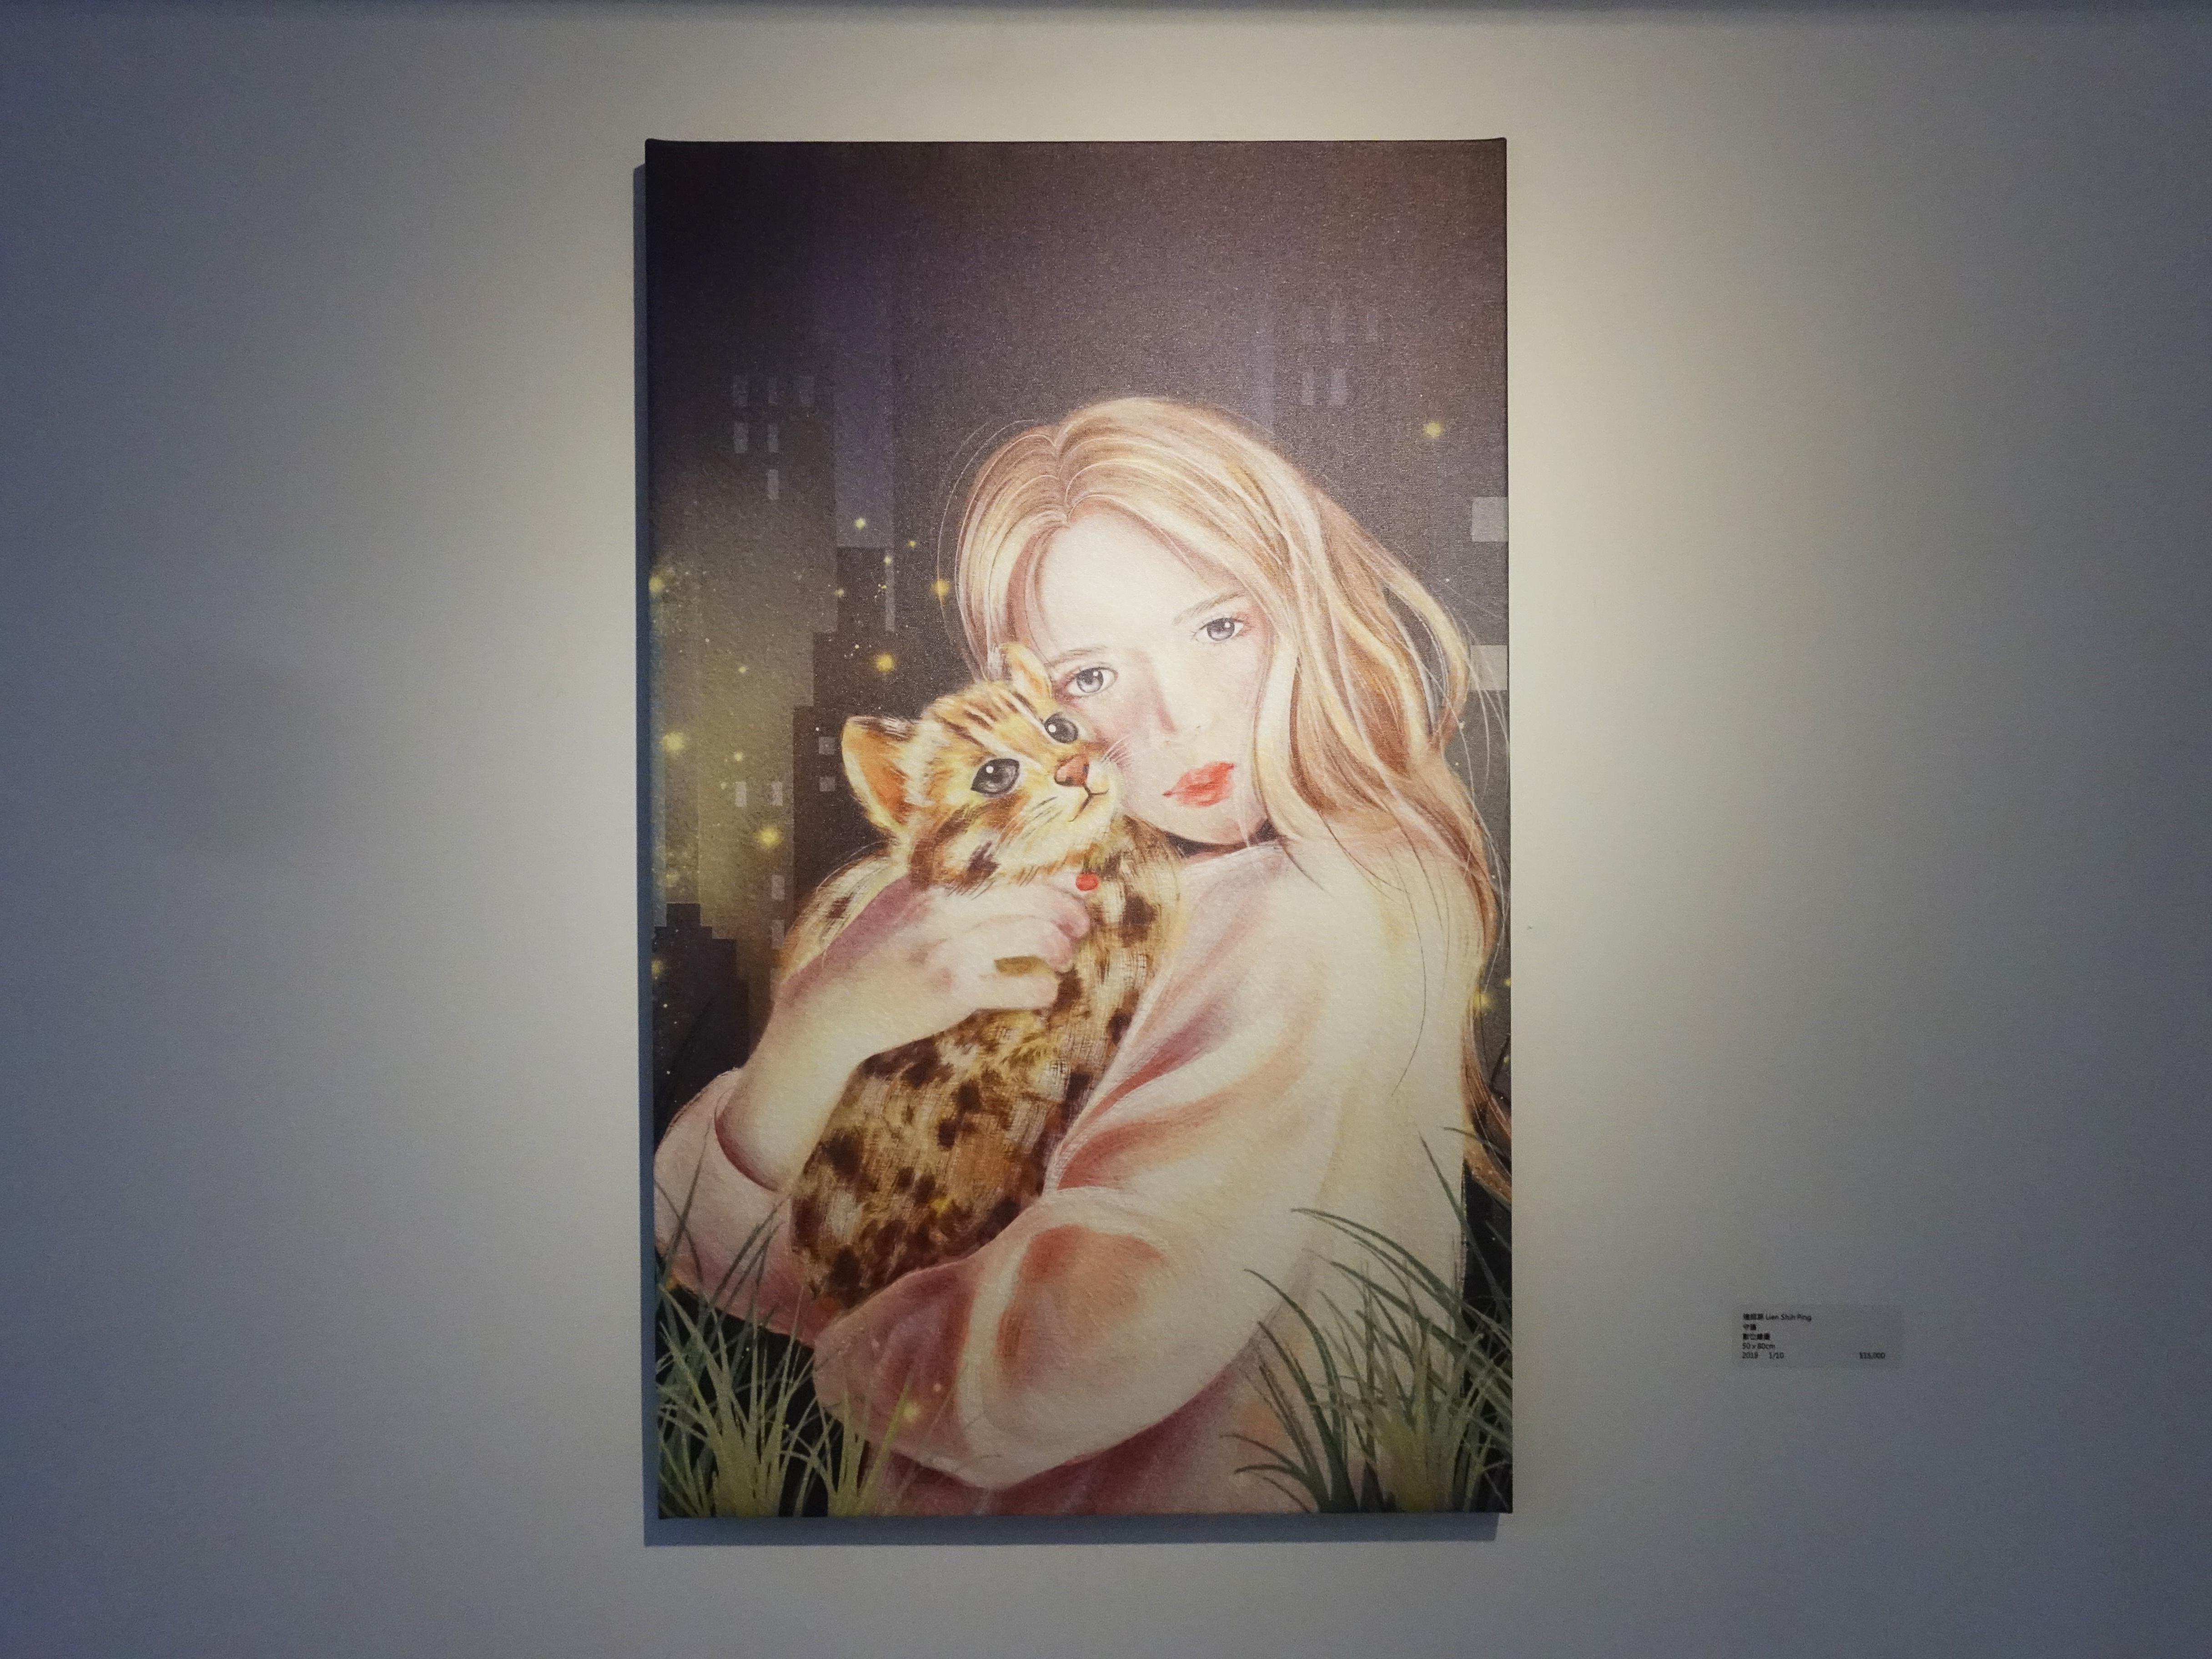 連師屏,《守護》,數位繪圖,50 x 80 cm 1/10,2019。